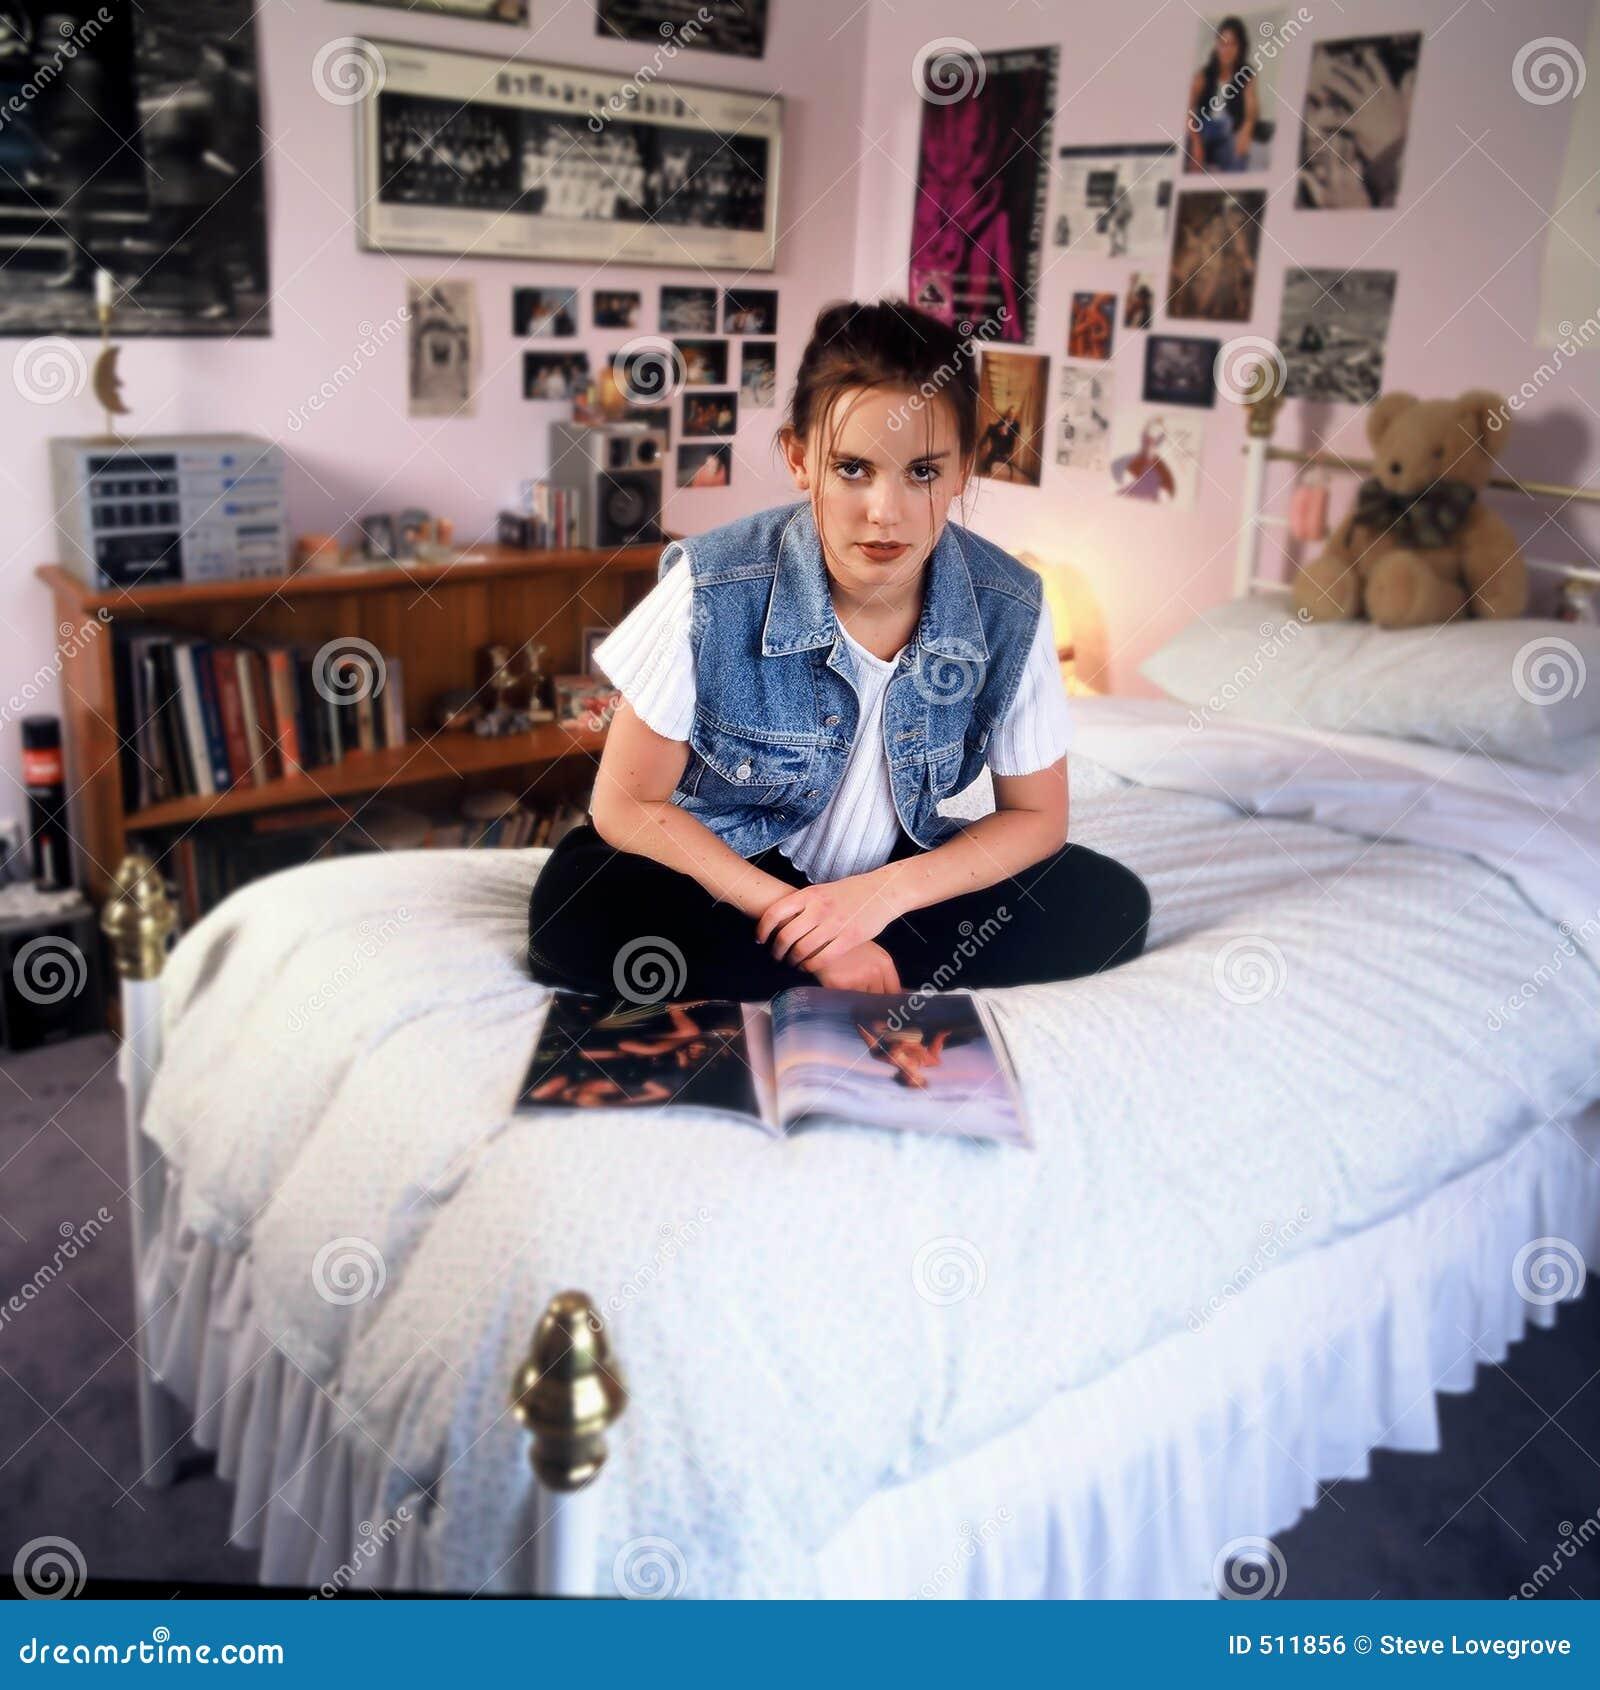 Ragazza in camera da letto fotografia stock immagine di - Camera da letto ragazza ...